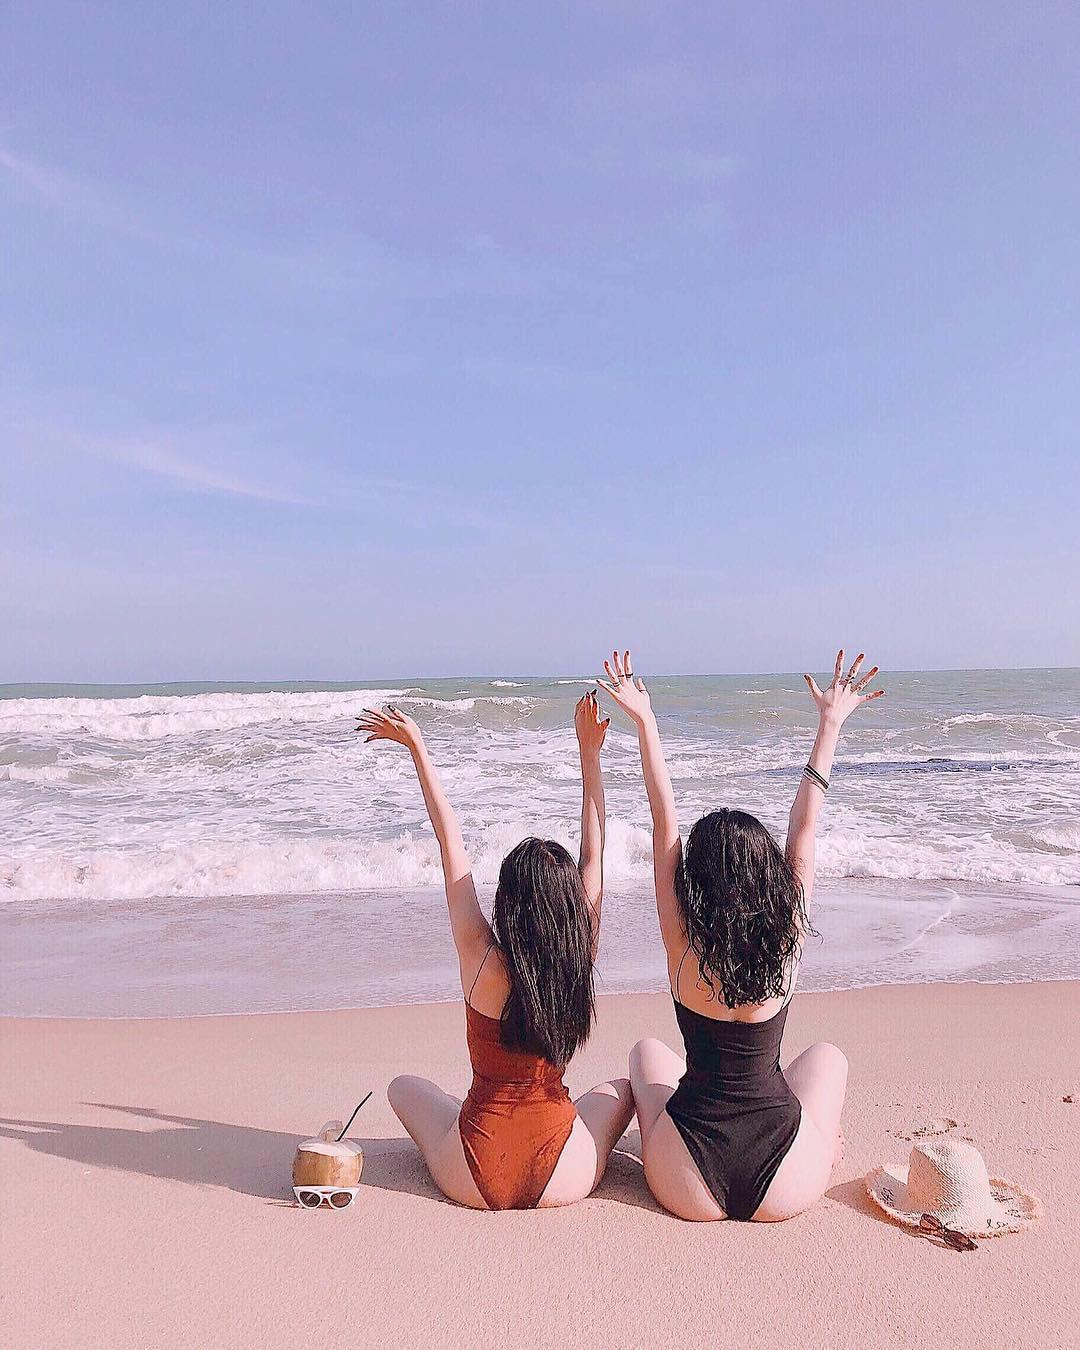 Có nên gọi Angela Phương Trinh gọi là bậc thầy sáng tạo vì mặc bikini đội nón lá chít khăn kín bưng? - Ảnh 1.